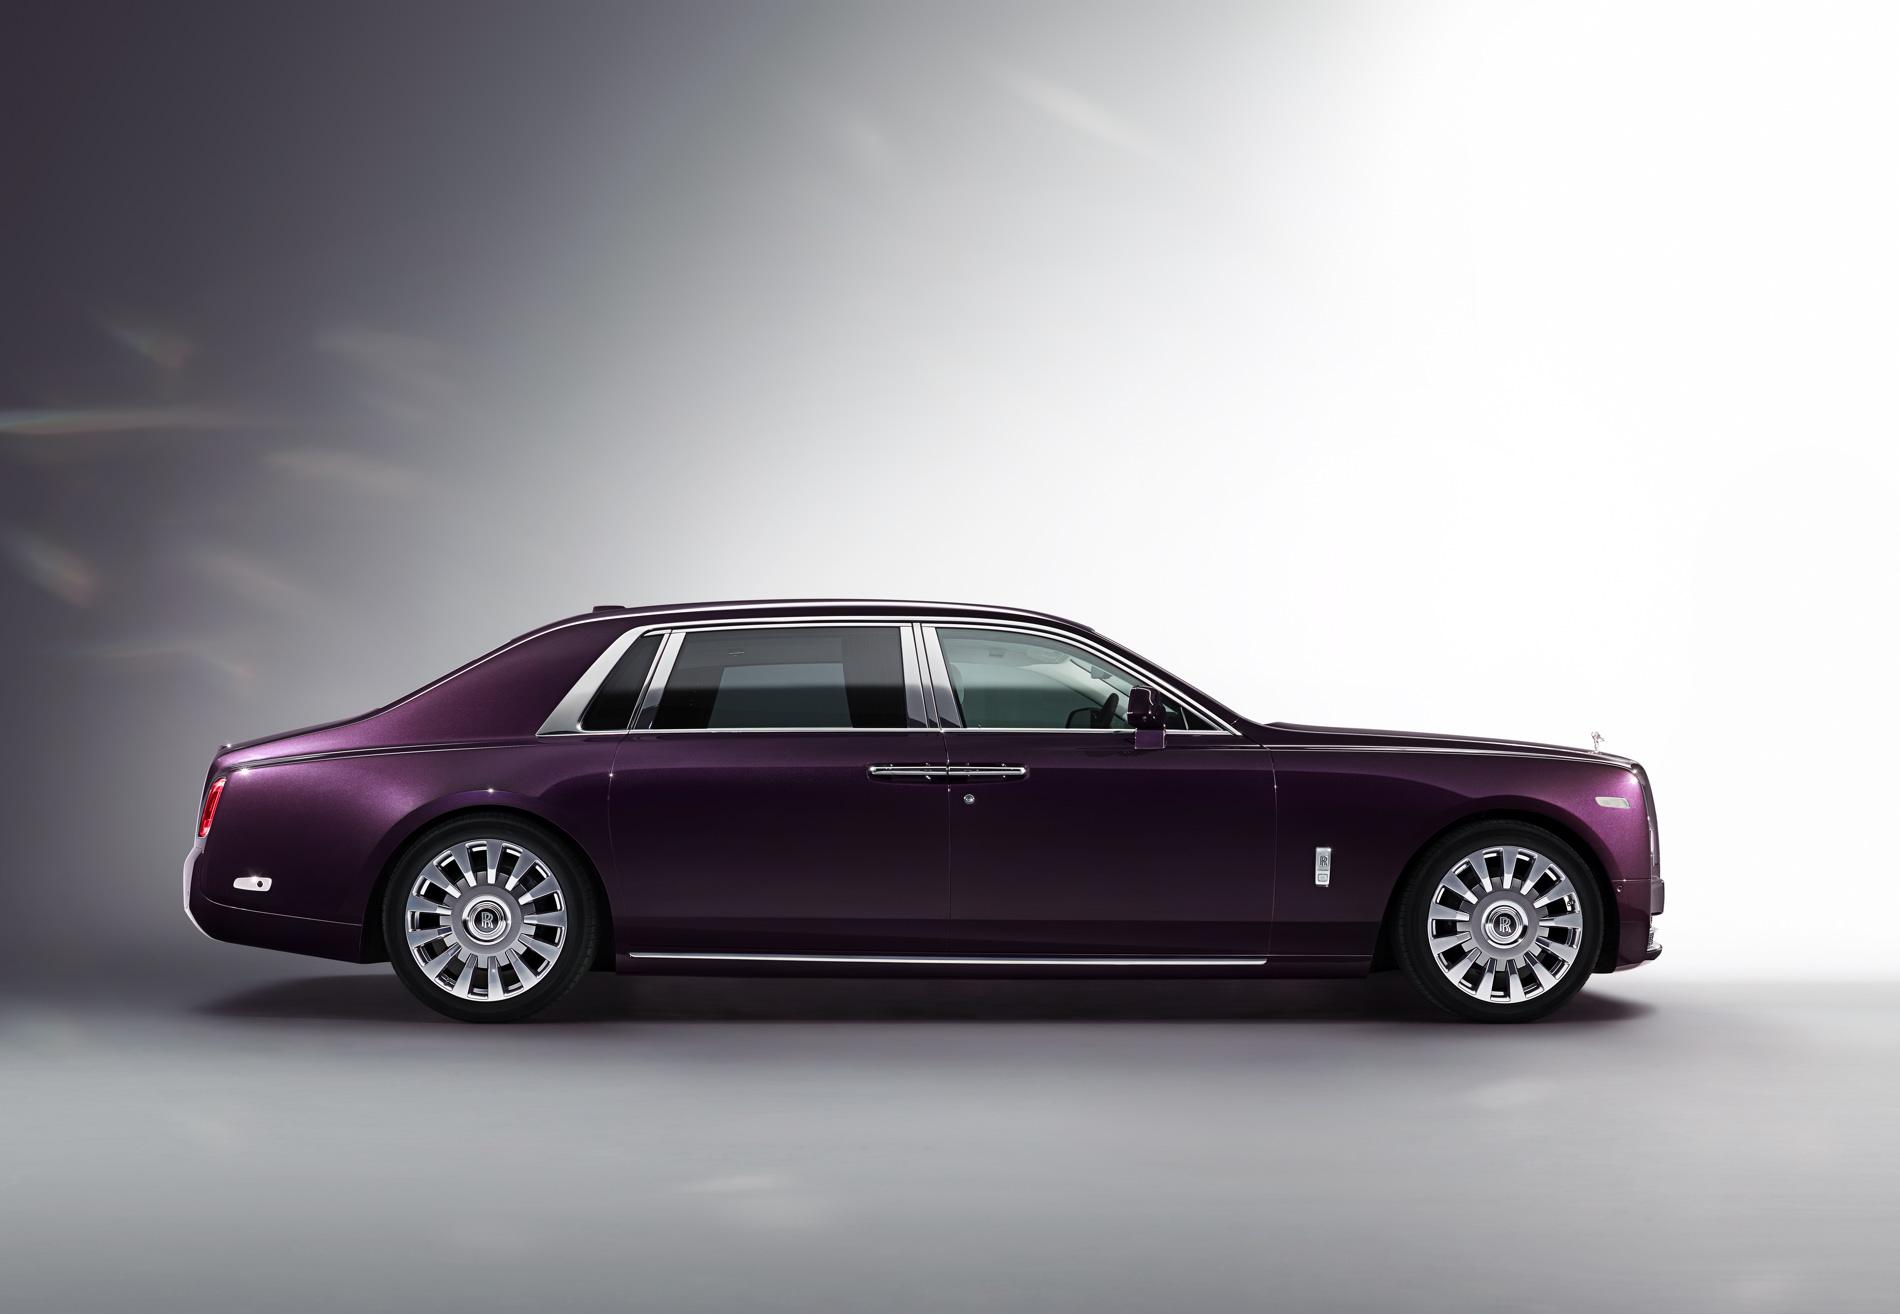 New Rolls Royce Phantom Extended Wheelbase 19